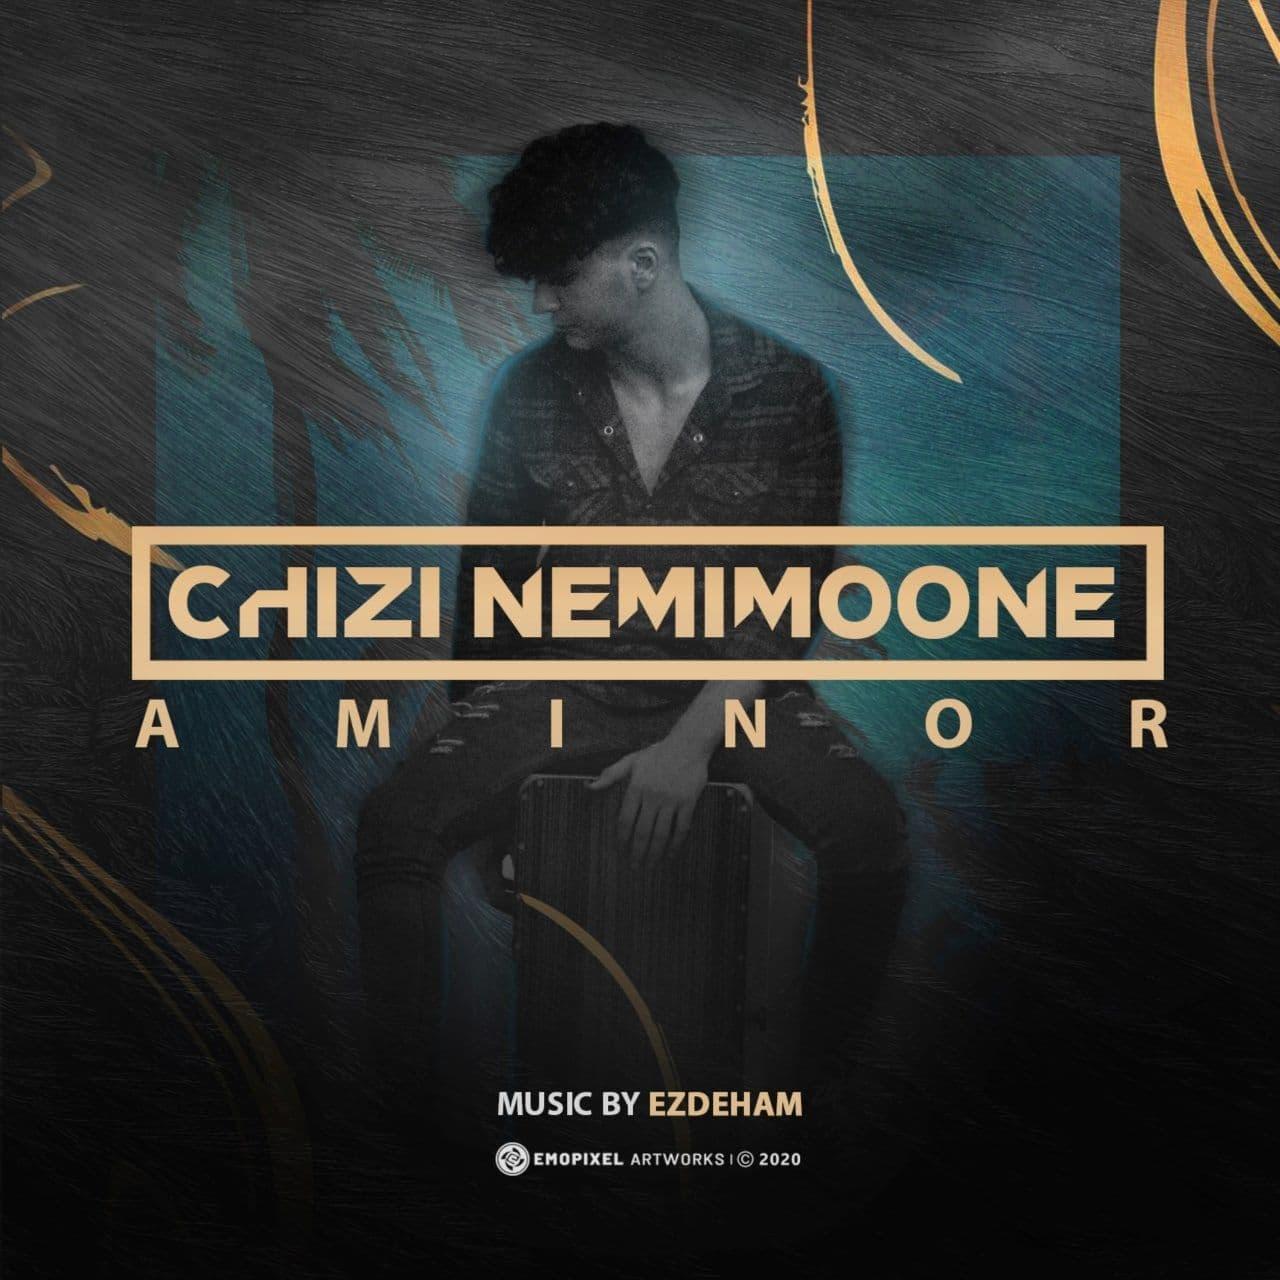 Aminor – Chizi Nemimoone